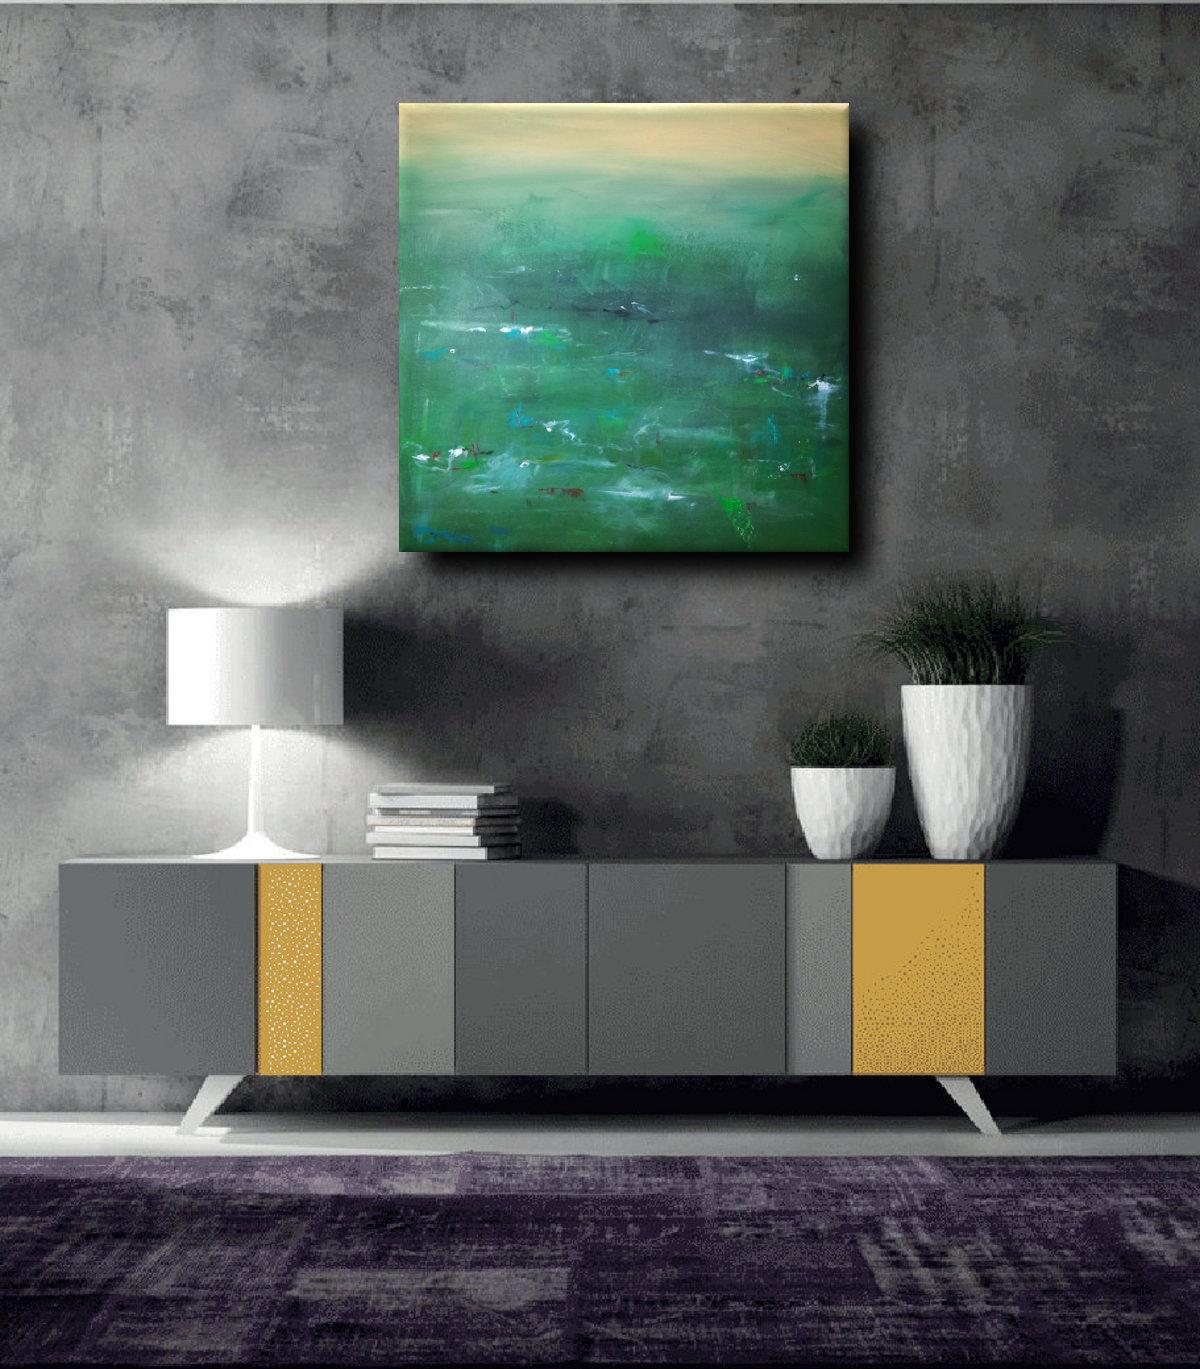 paesaggio-moderno-c070